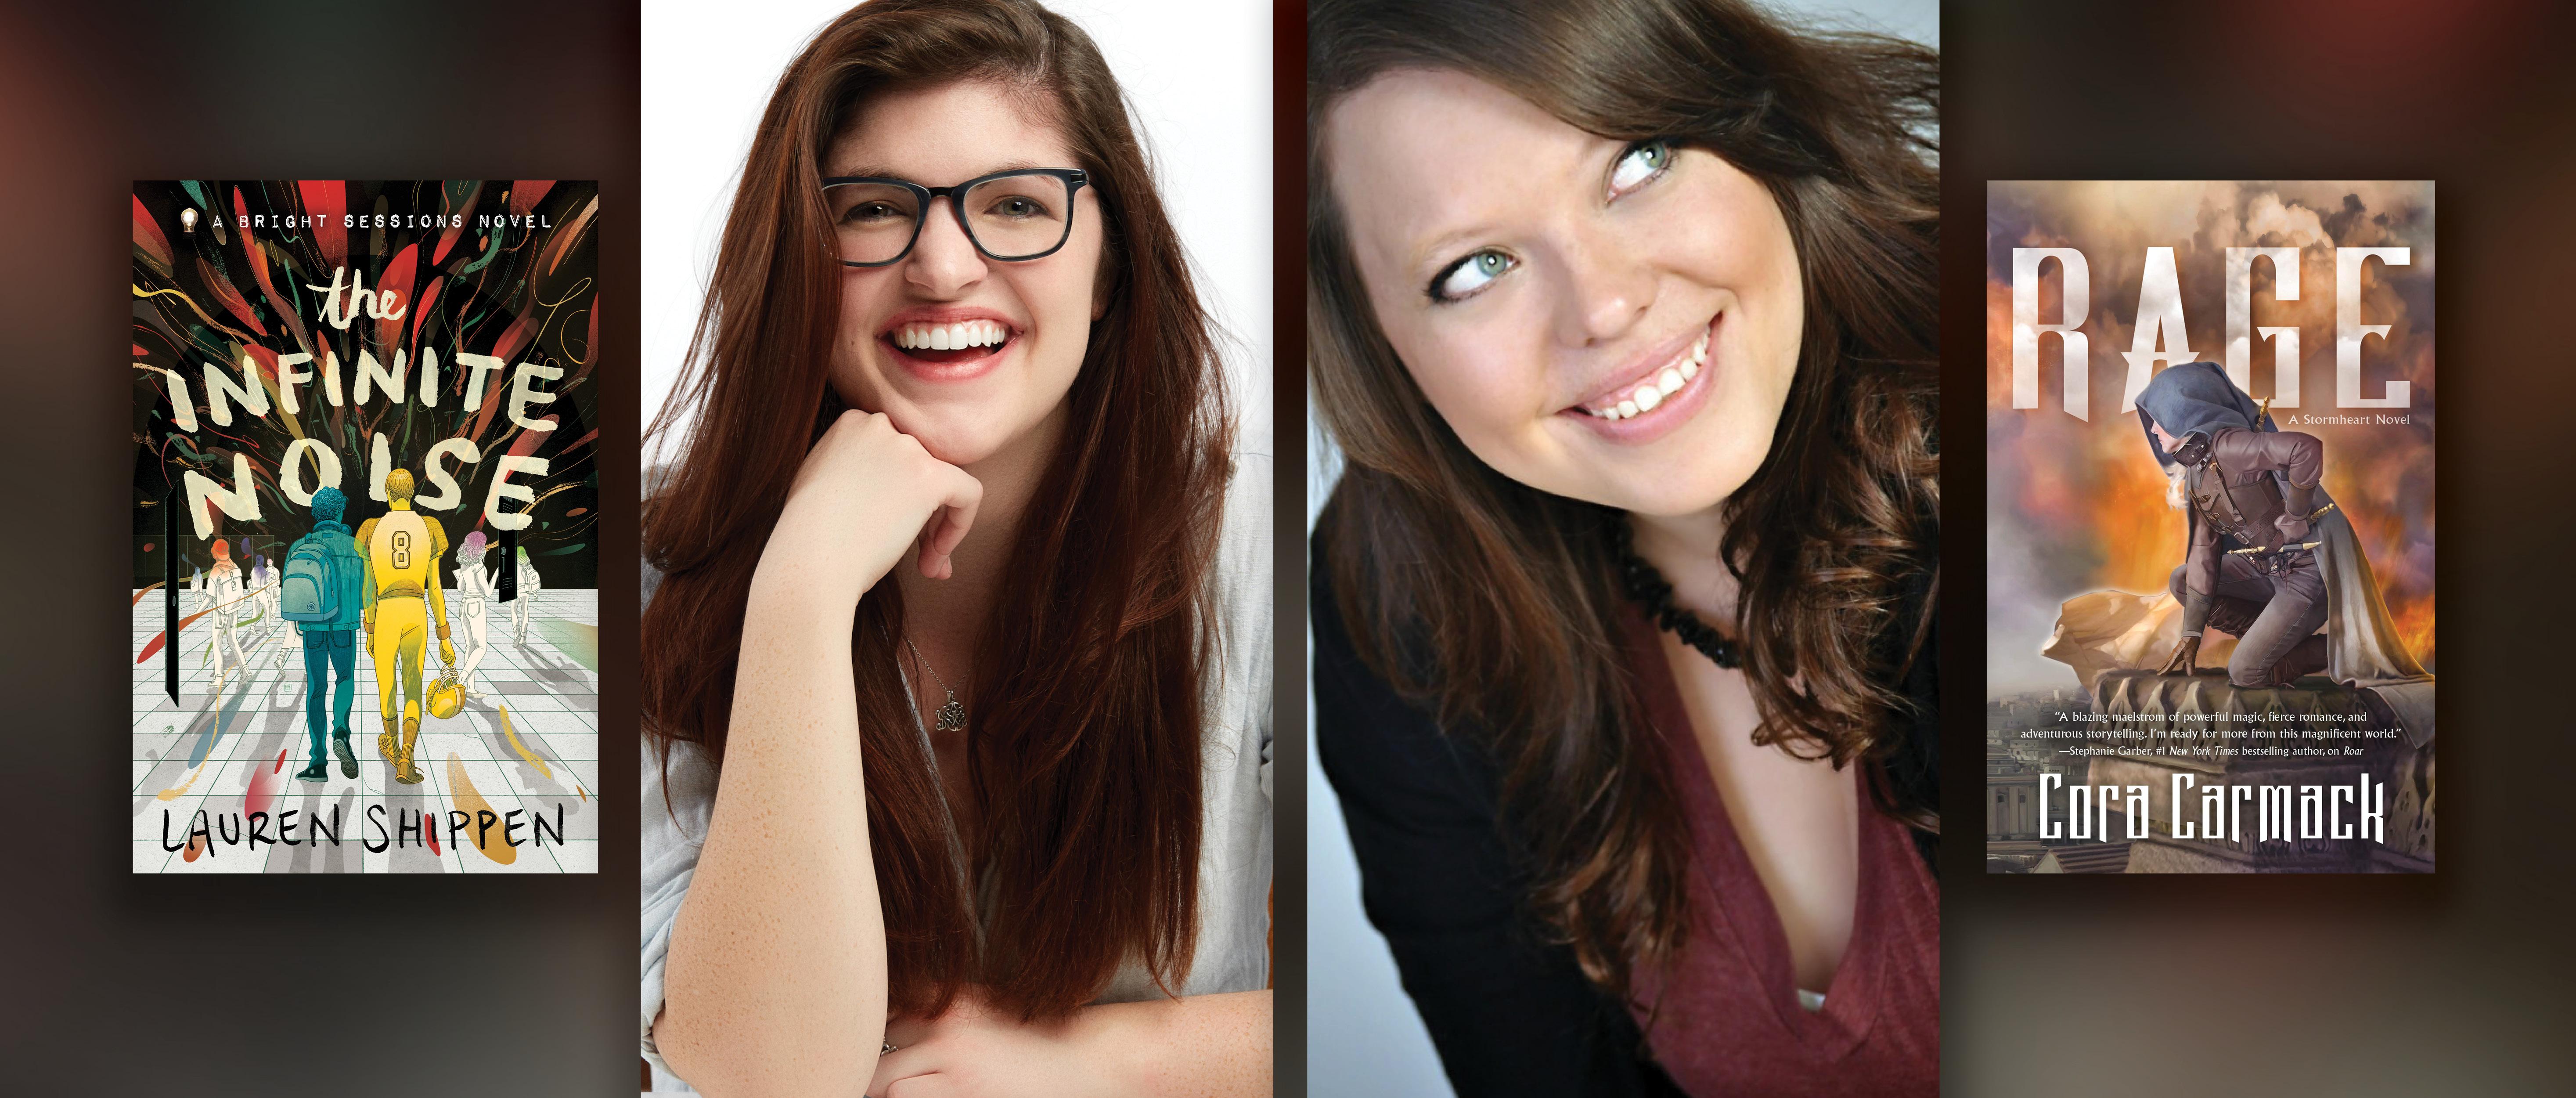 Lauren Shippen & Cora Carmack